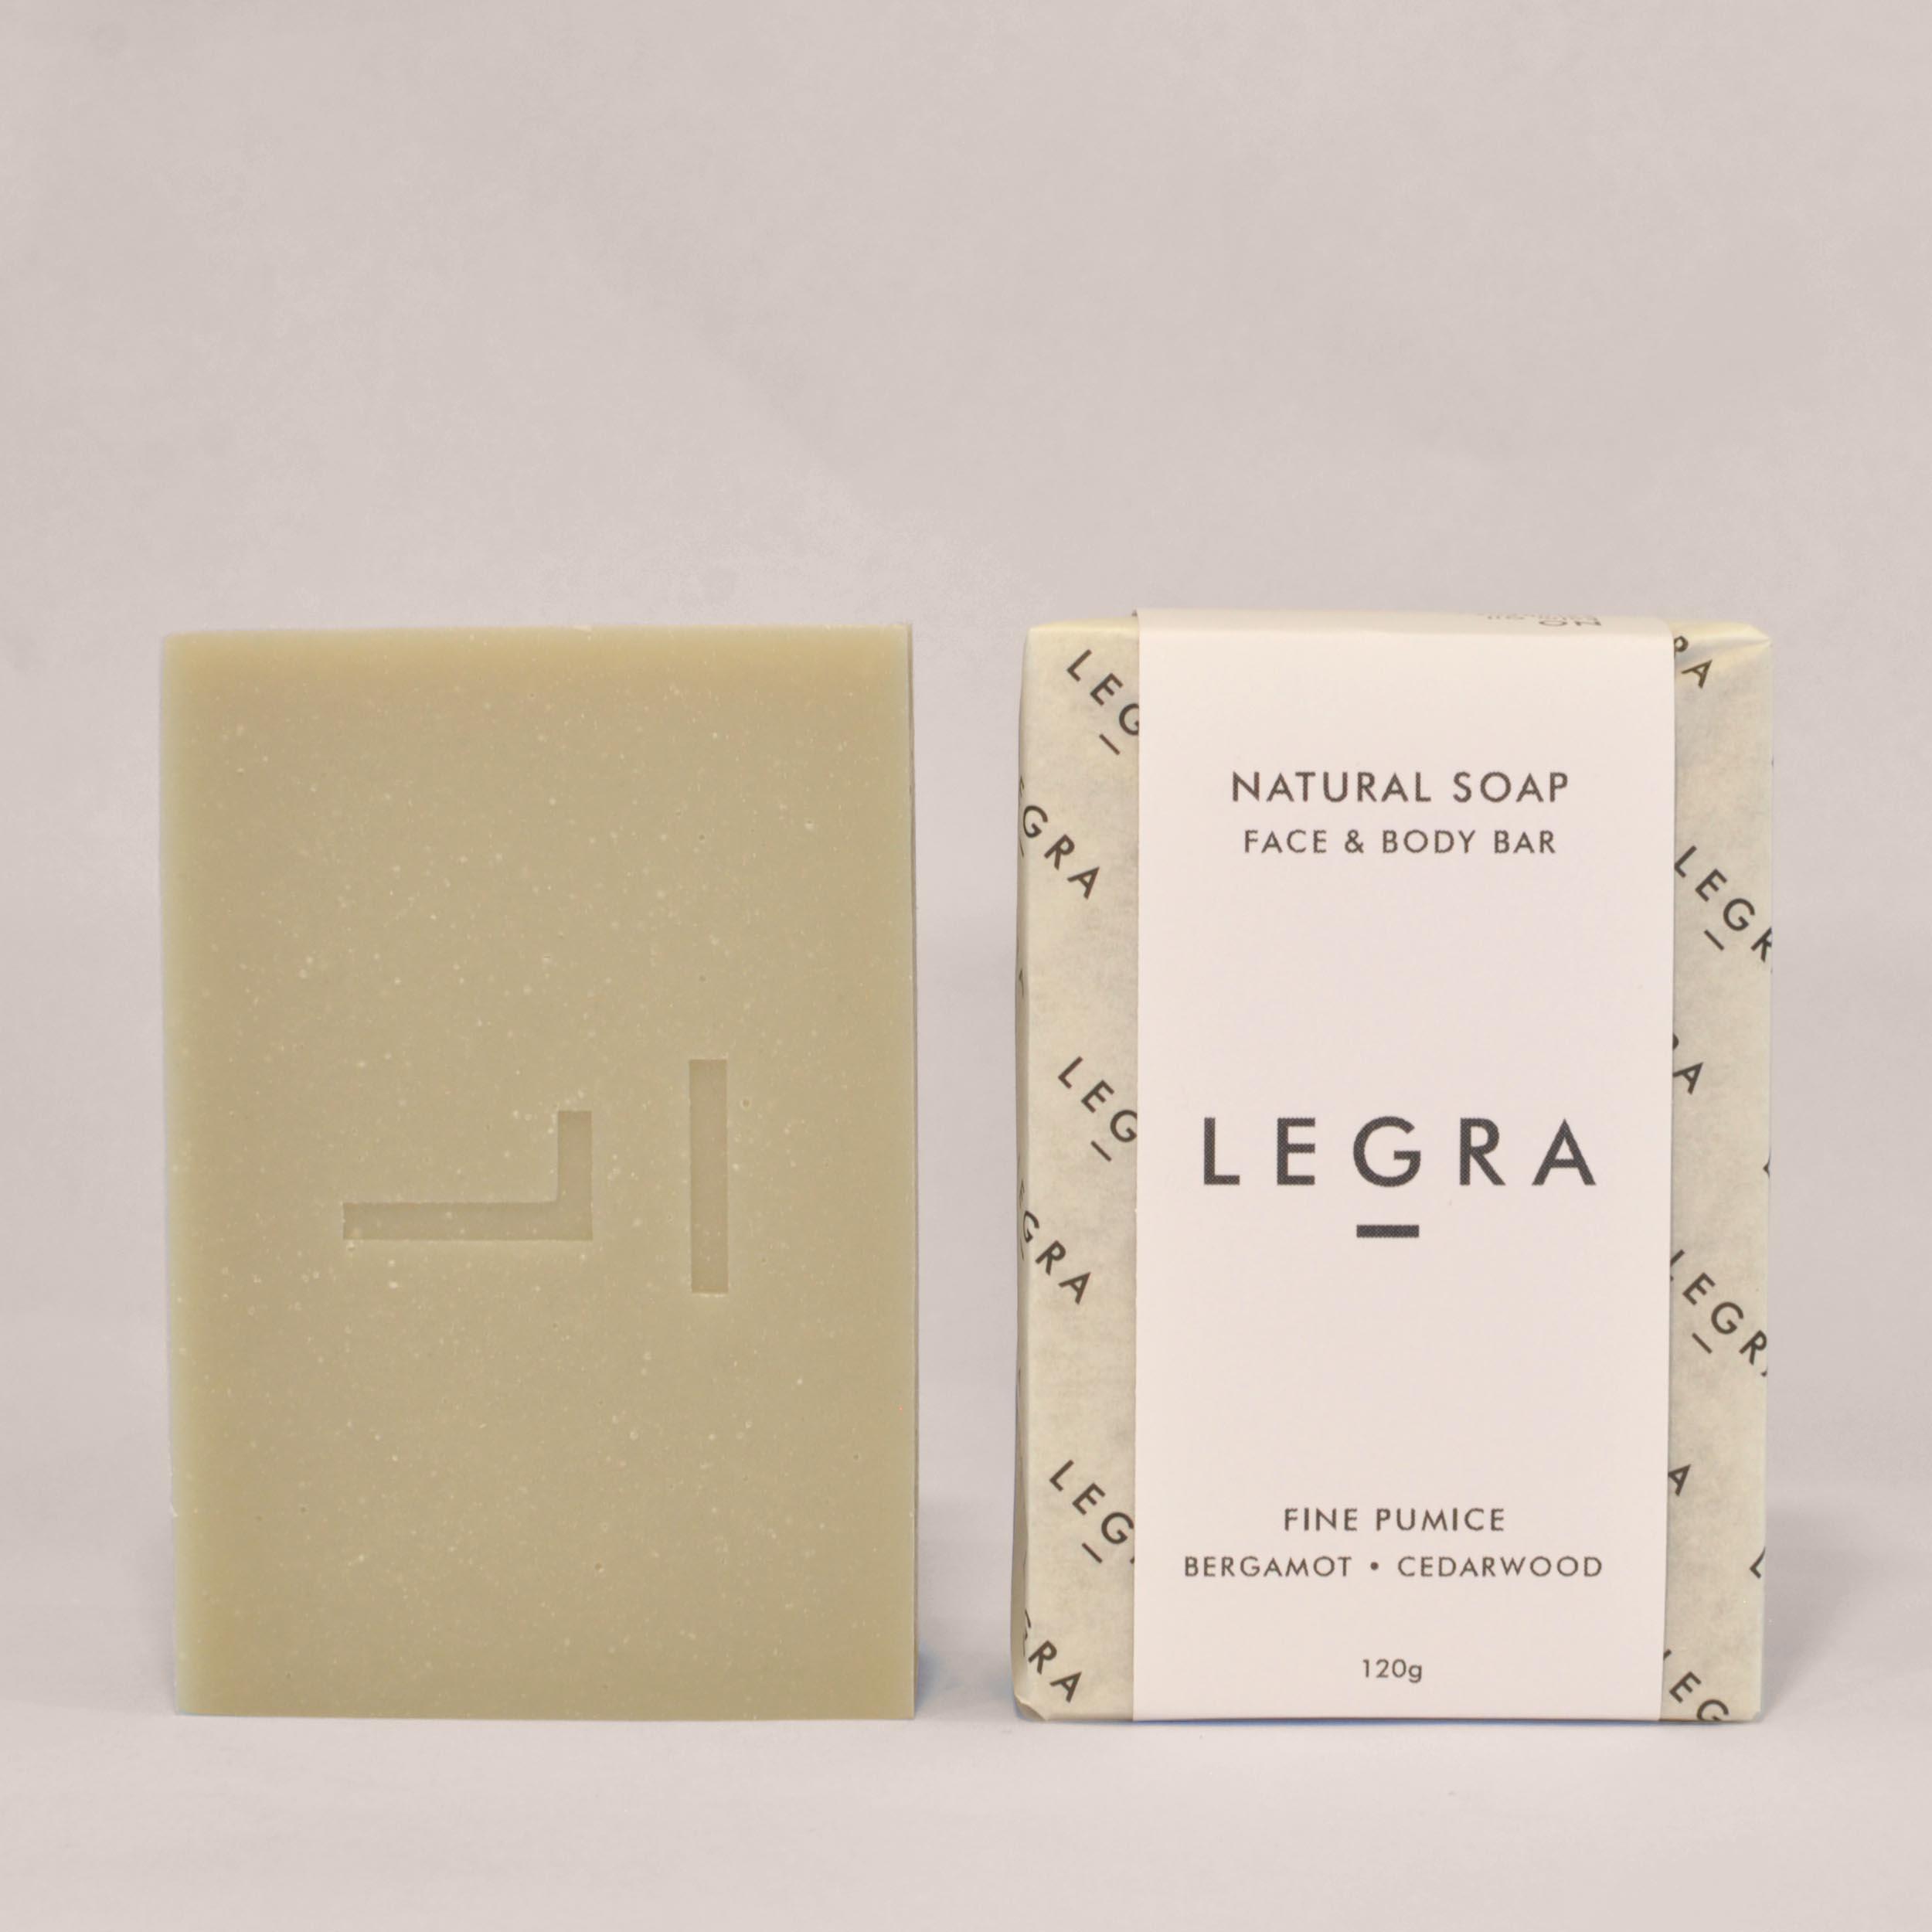 Fine Pumice Soap with Bergamot & Cedarwood